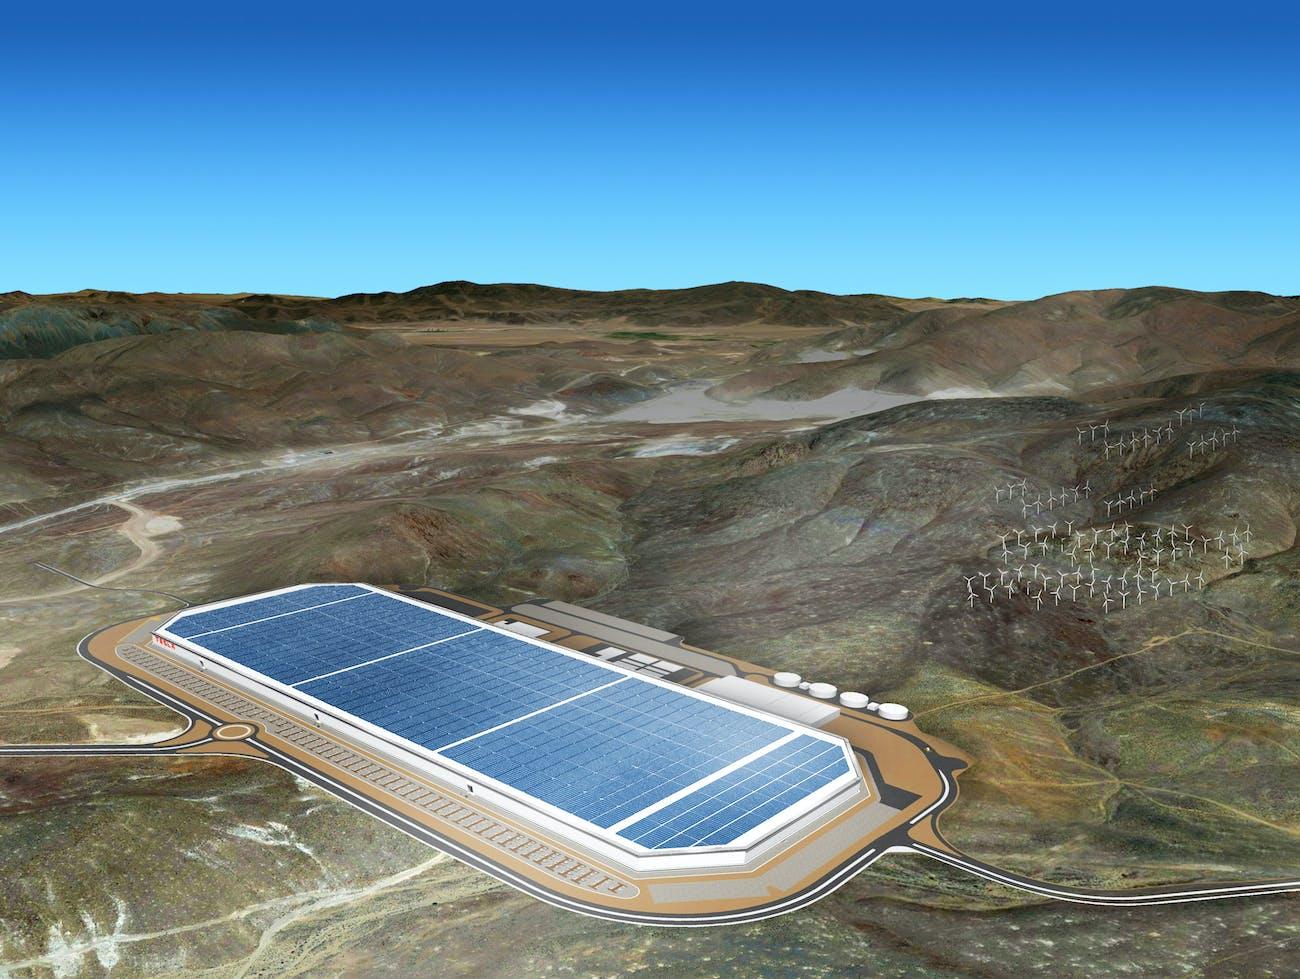 The Tesla Motors Gigafactory